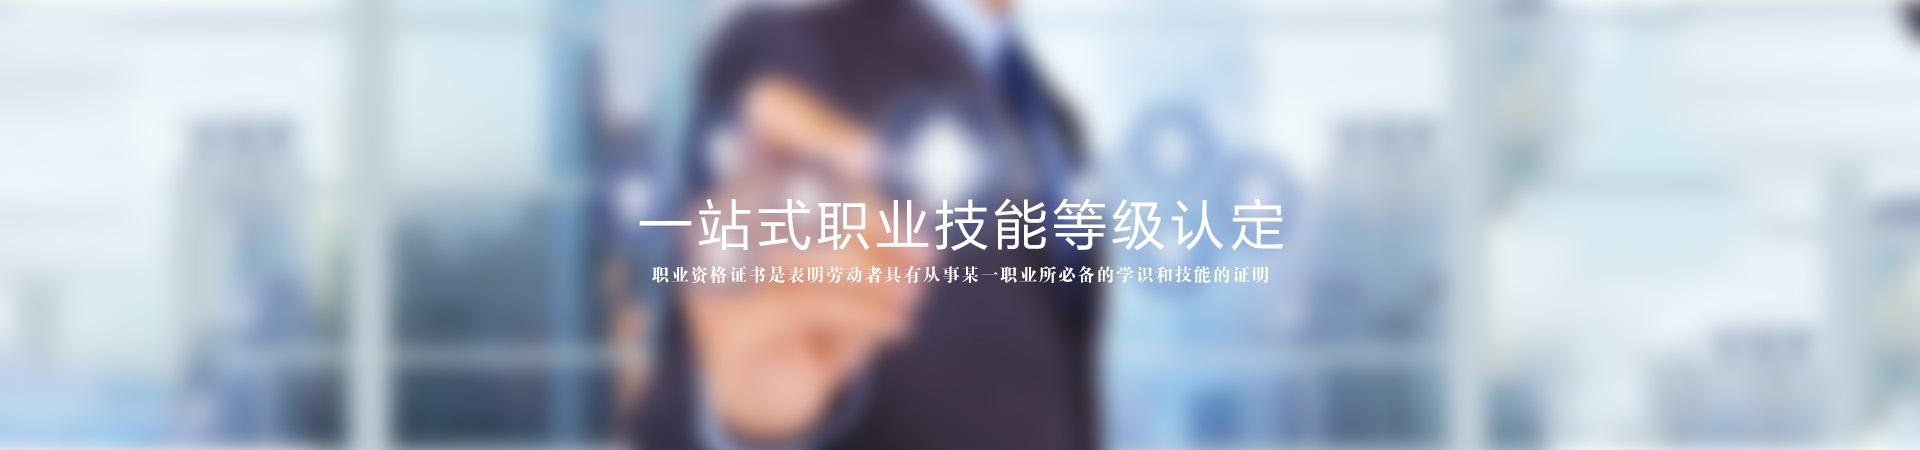 http://www.imesta.cn/data/upload/202009/20200926113300_239.jpg